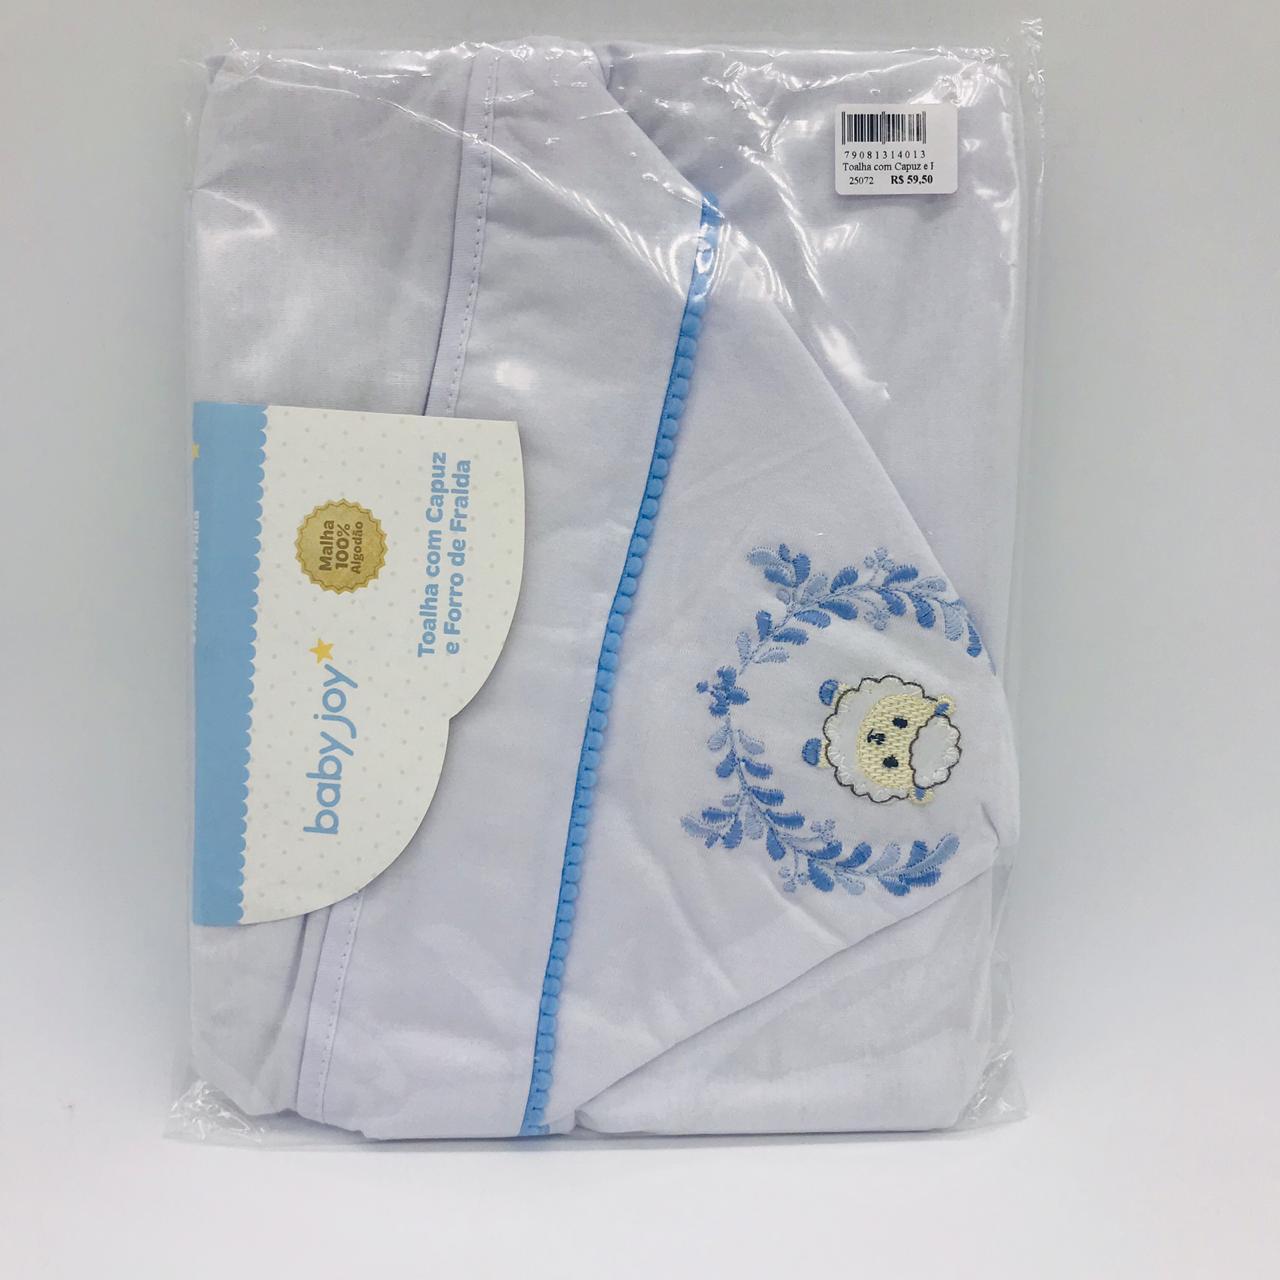 Toalha Com Capuz e Forro de Fralda Bordado Carneiro Azul - Baby Joy Incomfral Ref 04043302020008